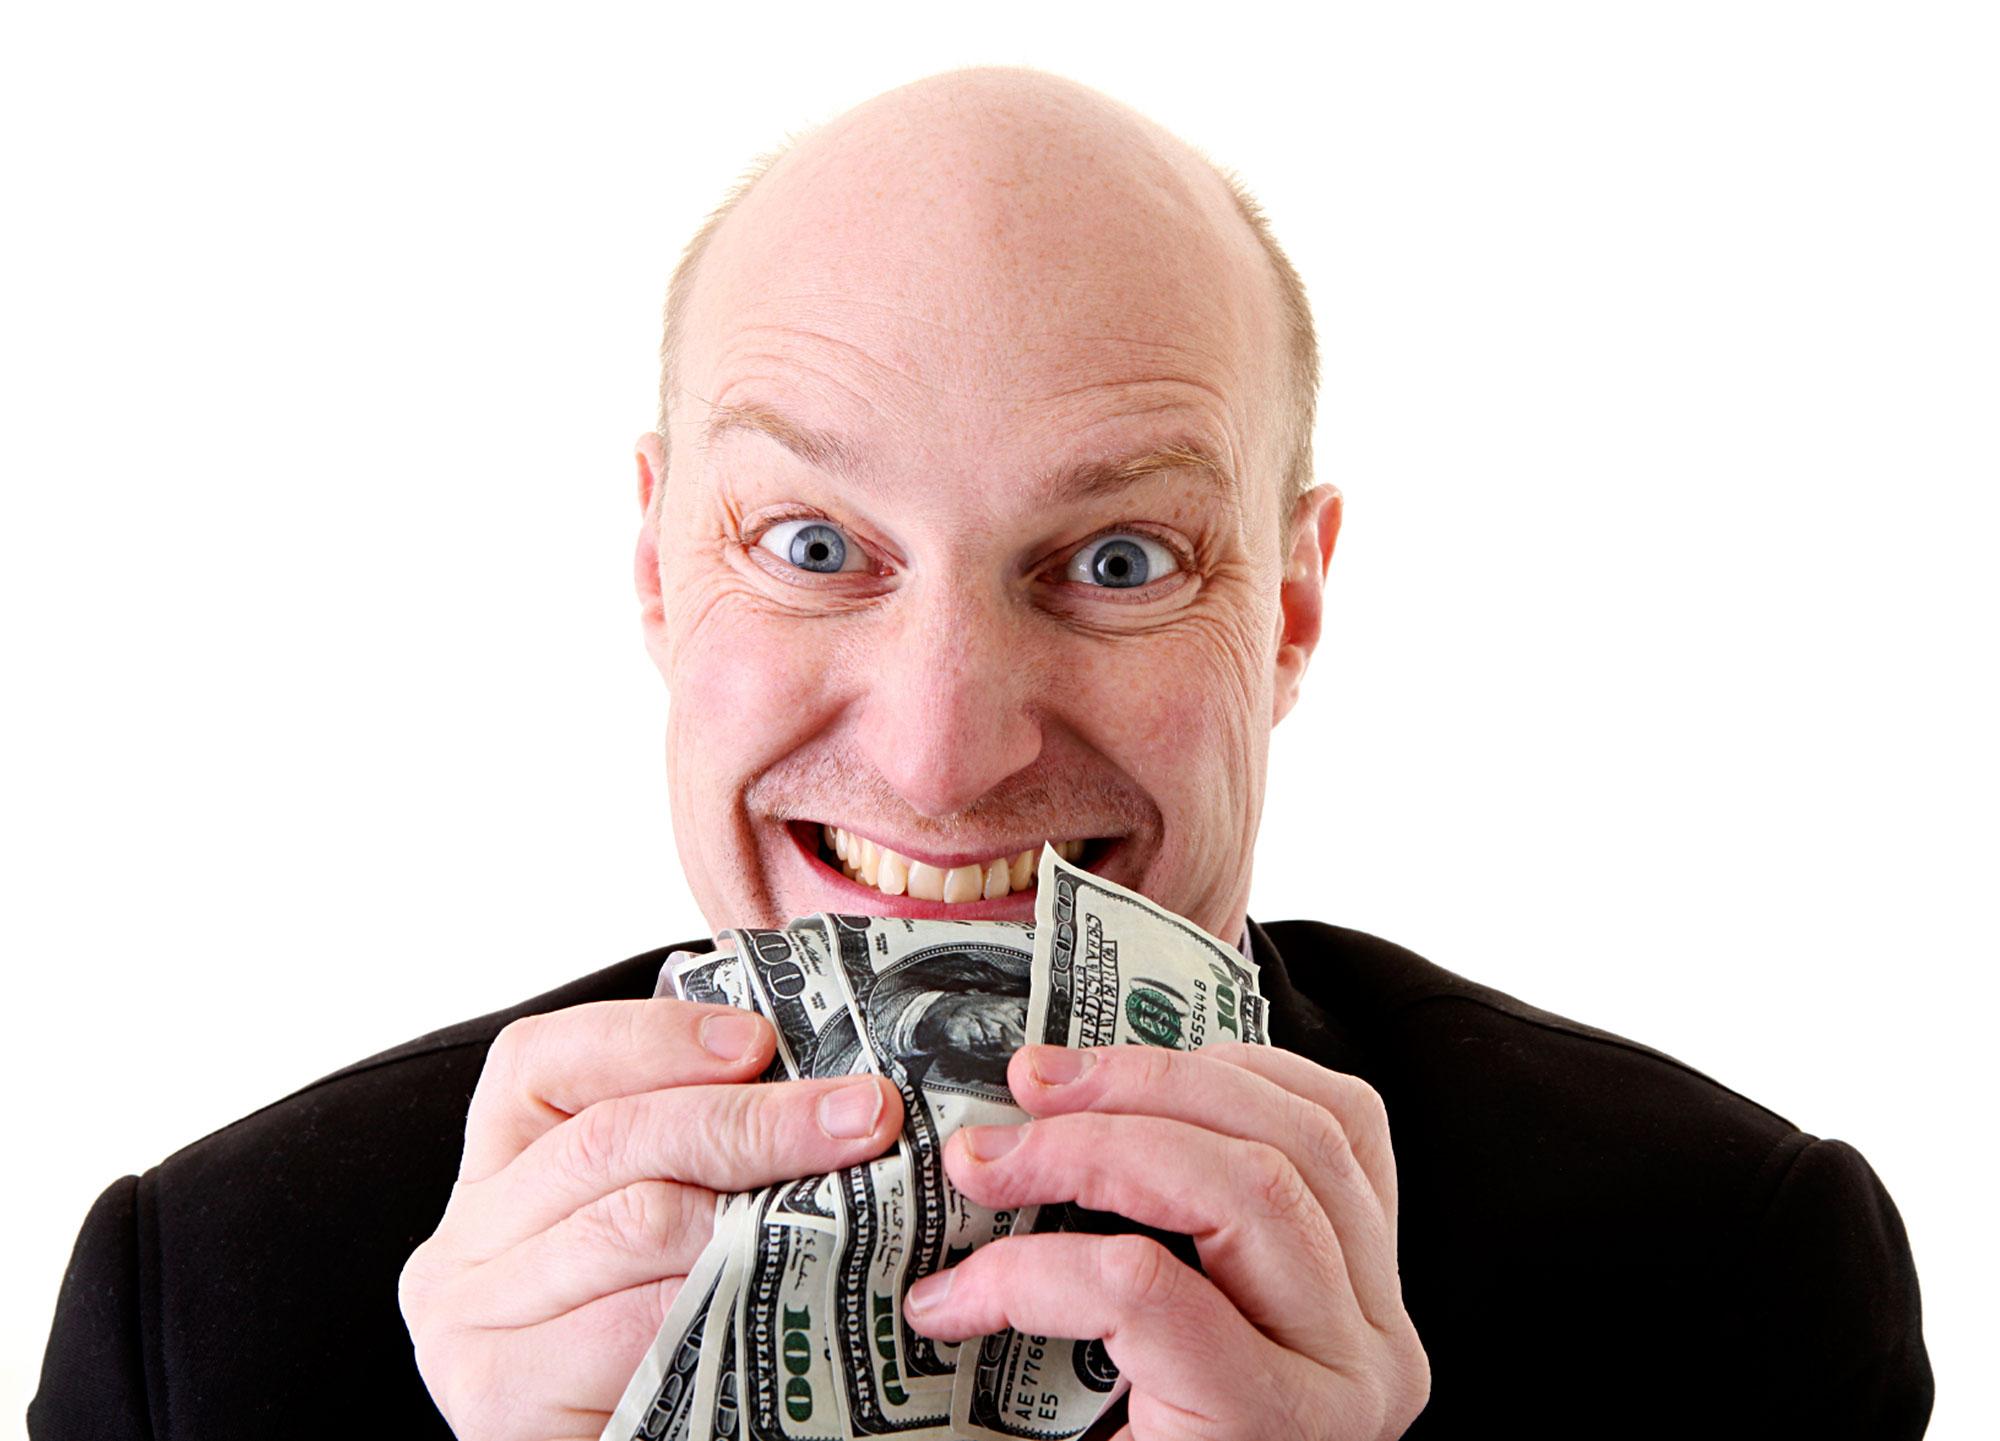 Студентам на заметку: аренда неподъемная, мошенники свирепствуют